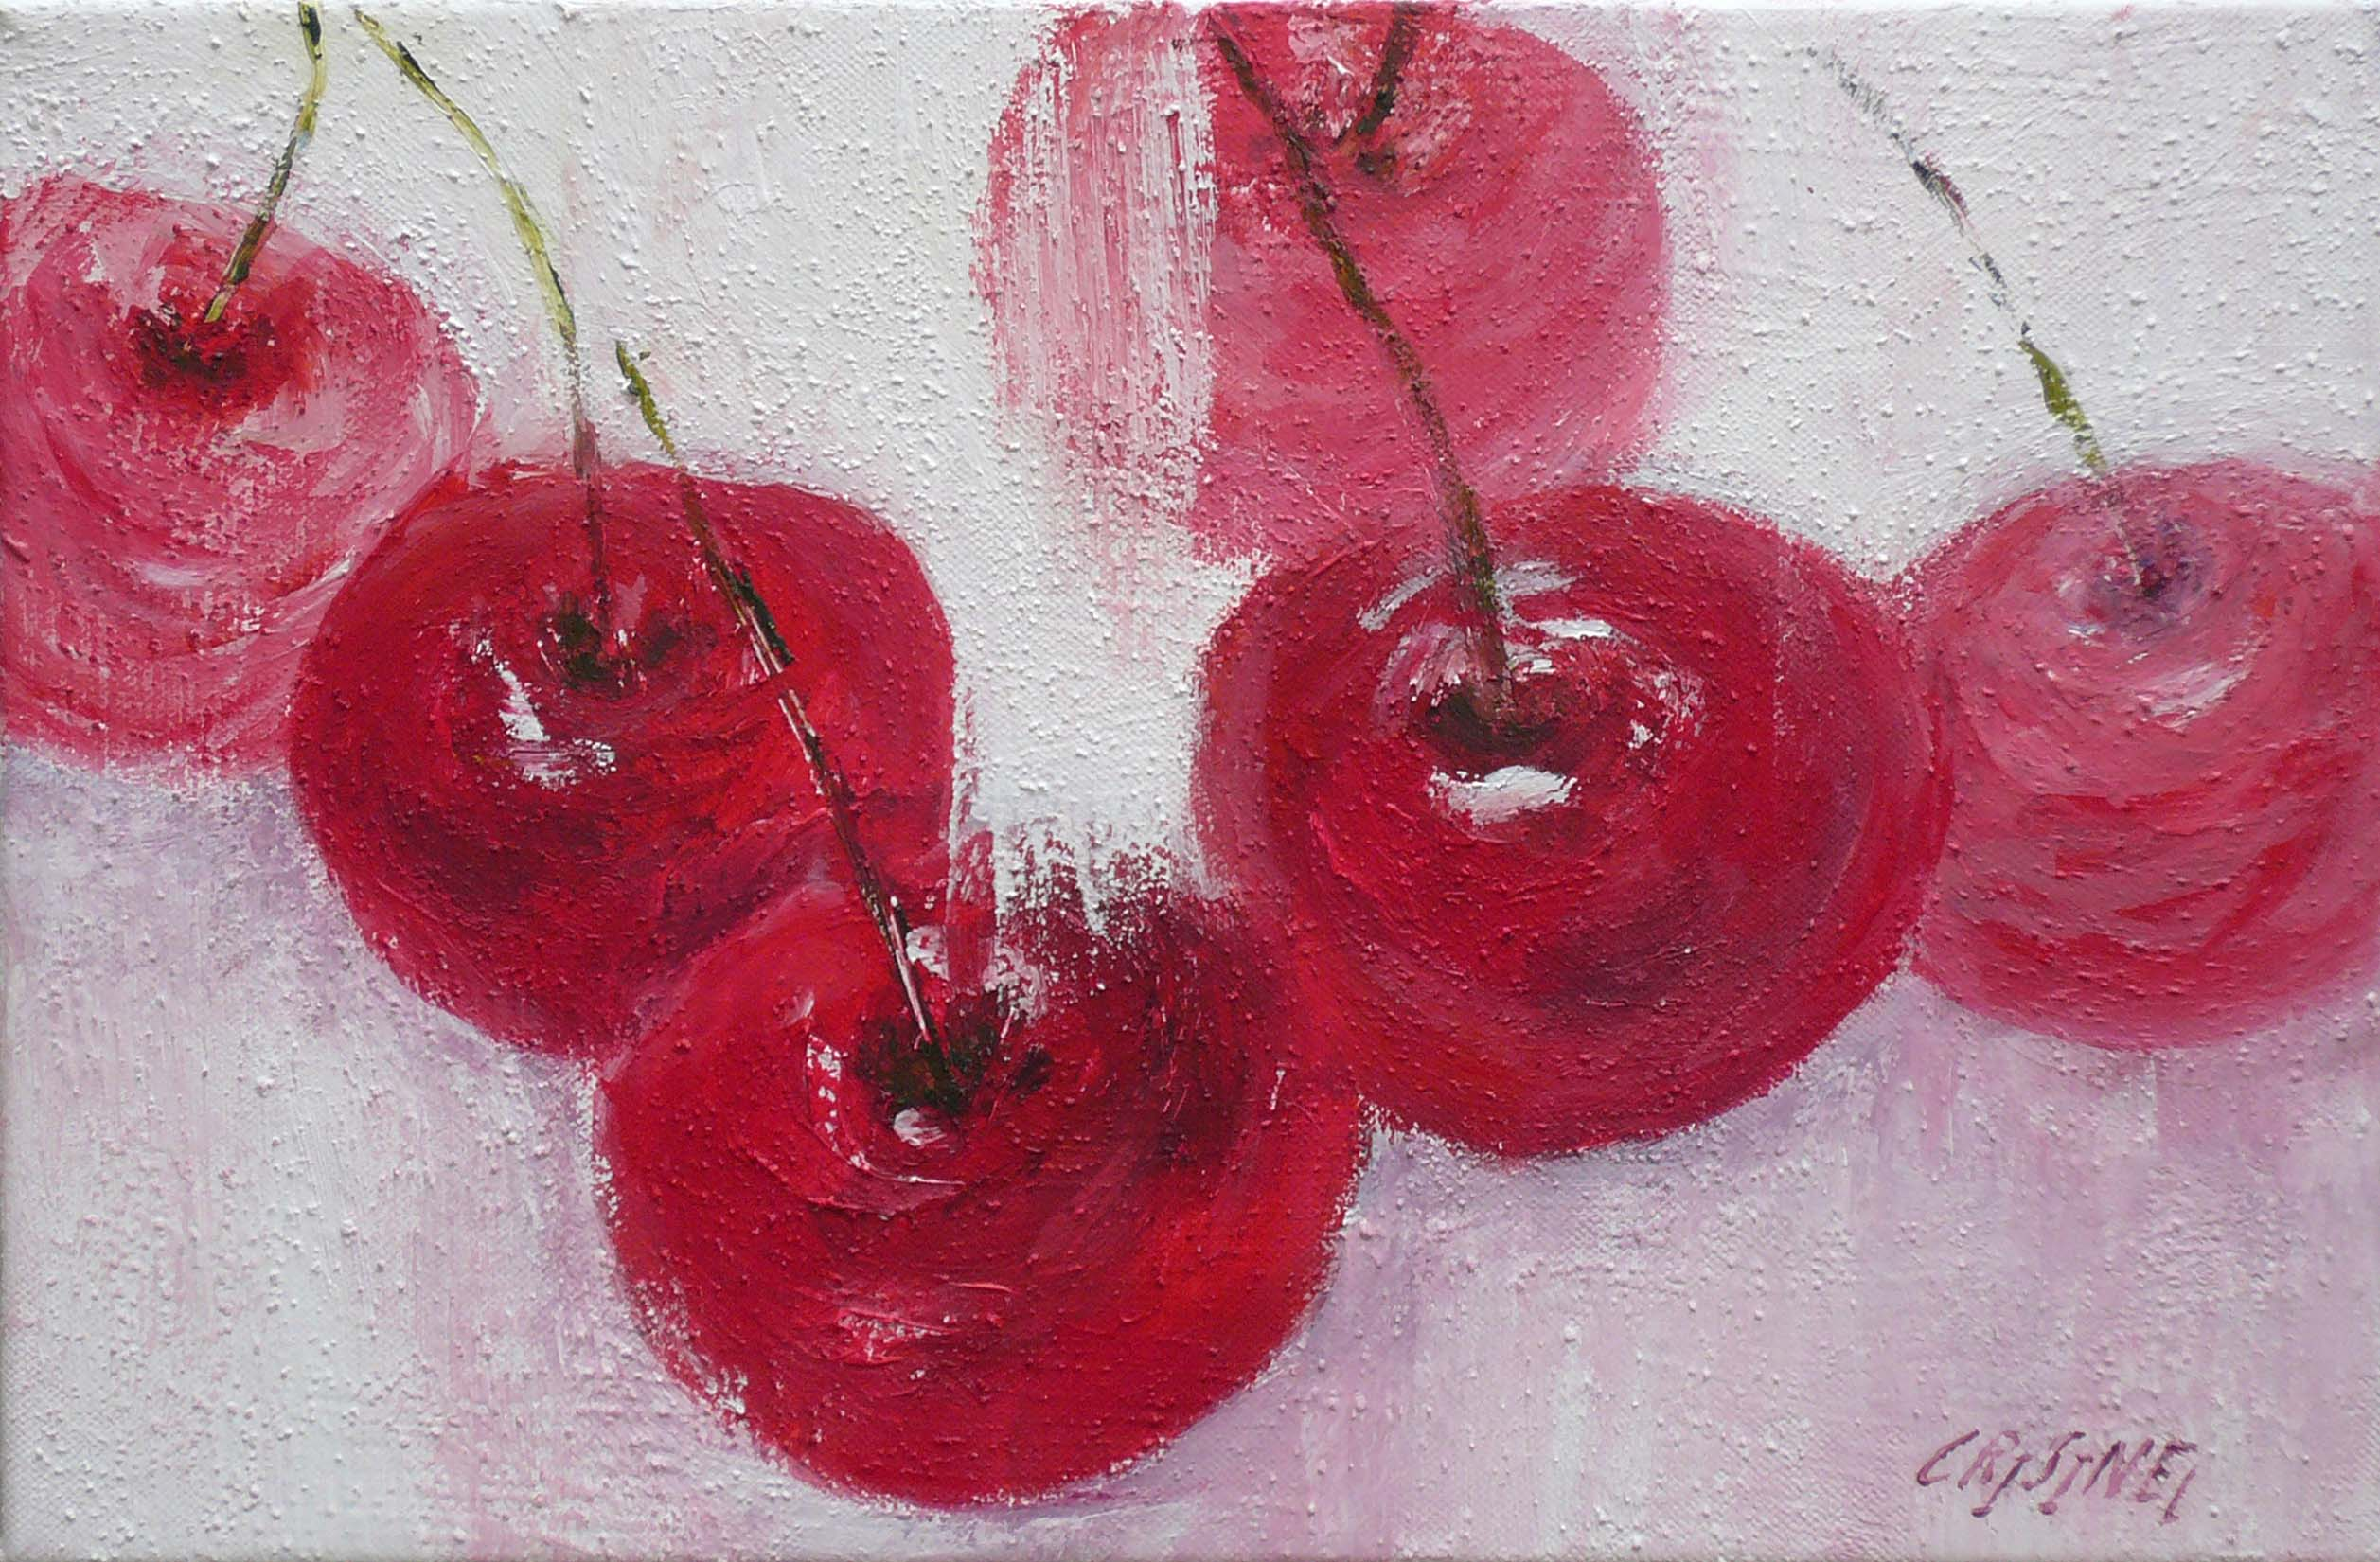 Les cerises by   CRISINEL - Masterpiece Online